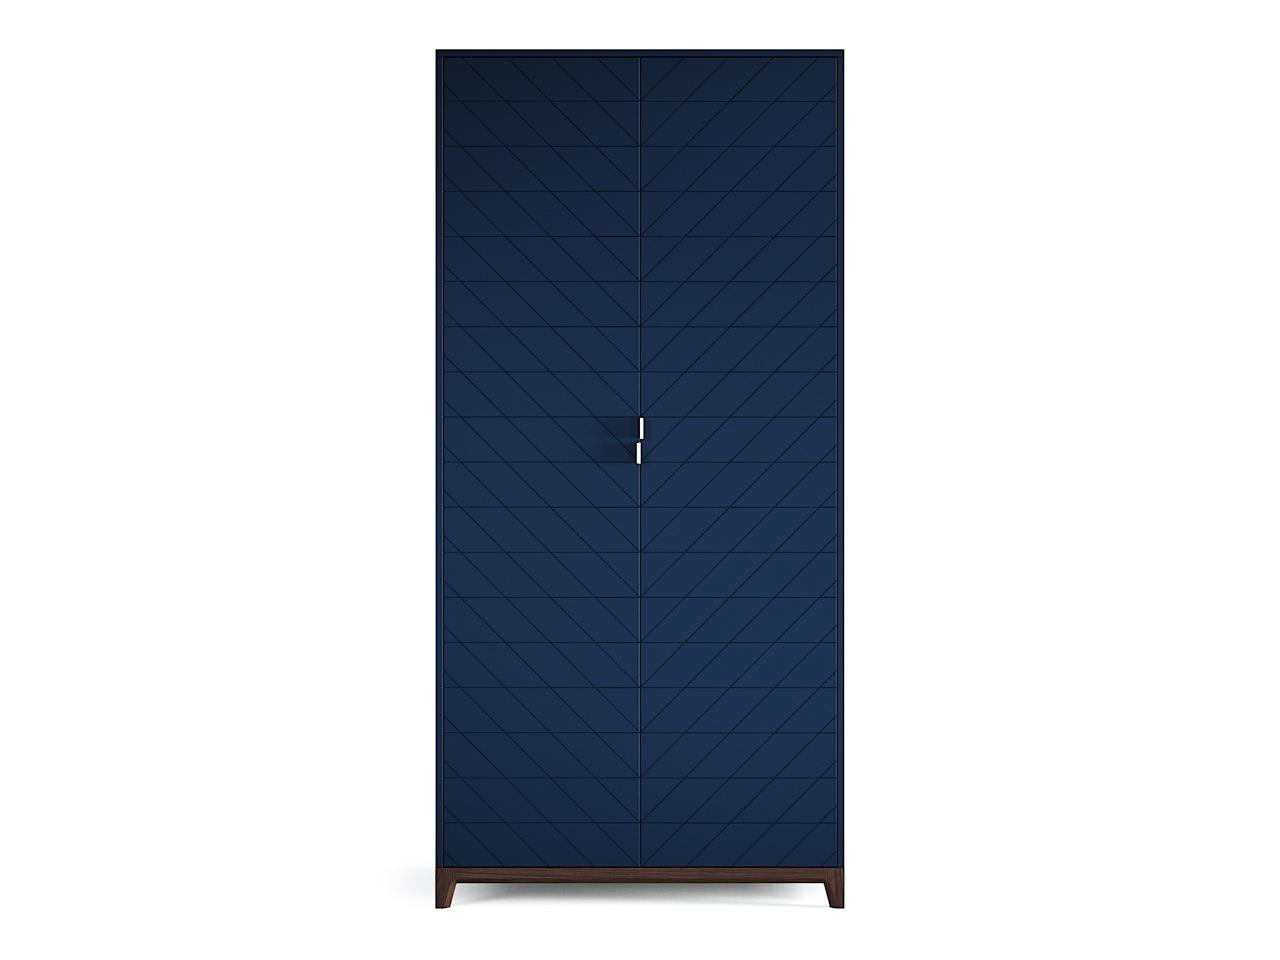 Шкаф Case №3Платяные шкафы<br>Компактный шкаф CASE №3 сочетает в себе продуманную структуру и современный дизайн впишется даже в самое небольшое уютное помещение. Внутри комфортно расположены полки и штанги для вешалок, сплошная перфорация позволяет устанавливать полки в удобном положении.&amp;lt;div&amp;gt;&amp;lt;br&amp;gt;&amp;lt;/div&amp;gt;&amp;lt;div&amp;gt;Материал: Массив дуба, МДФ, ДСП, эмаль, лак&amp;lt;br&amp;gt;&amp;lt;/div&amp;gt;<br><br>Material: Дуб<br>Ширина см: 100<br>Высота см: 210<br>Глубина см: 60